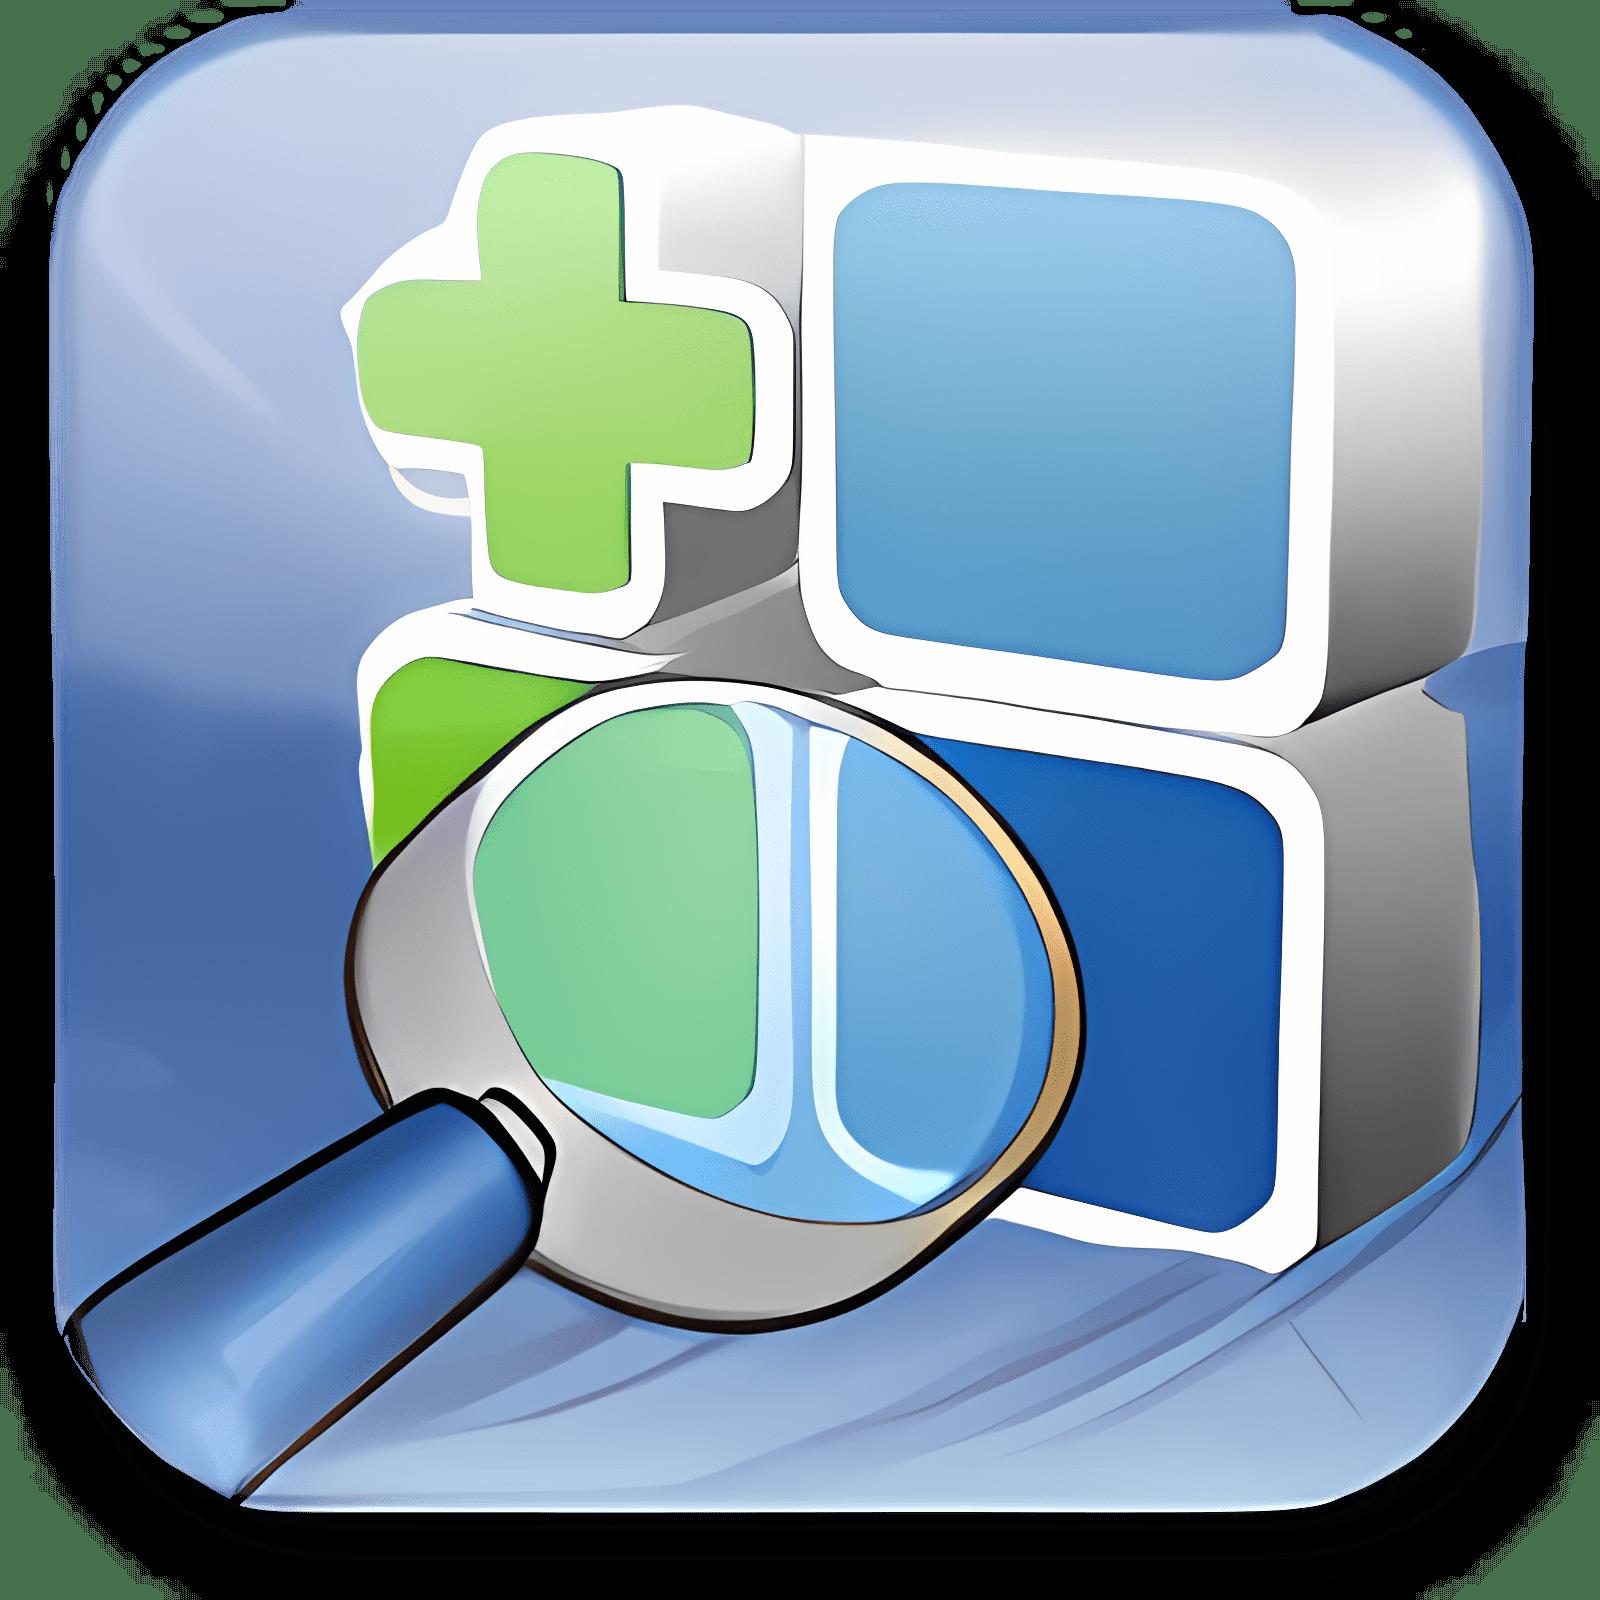 SISXplorer 1.1